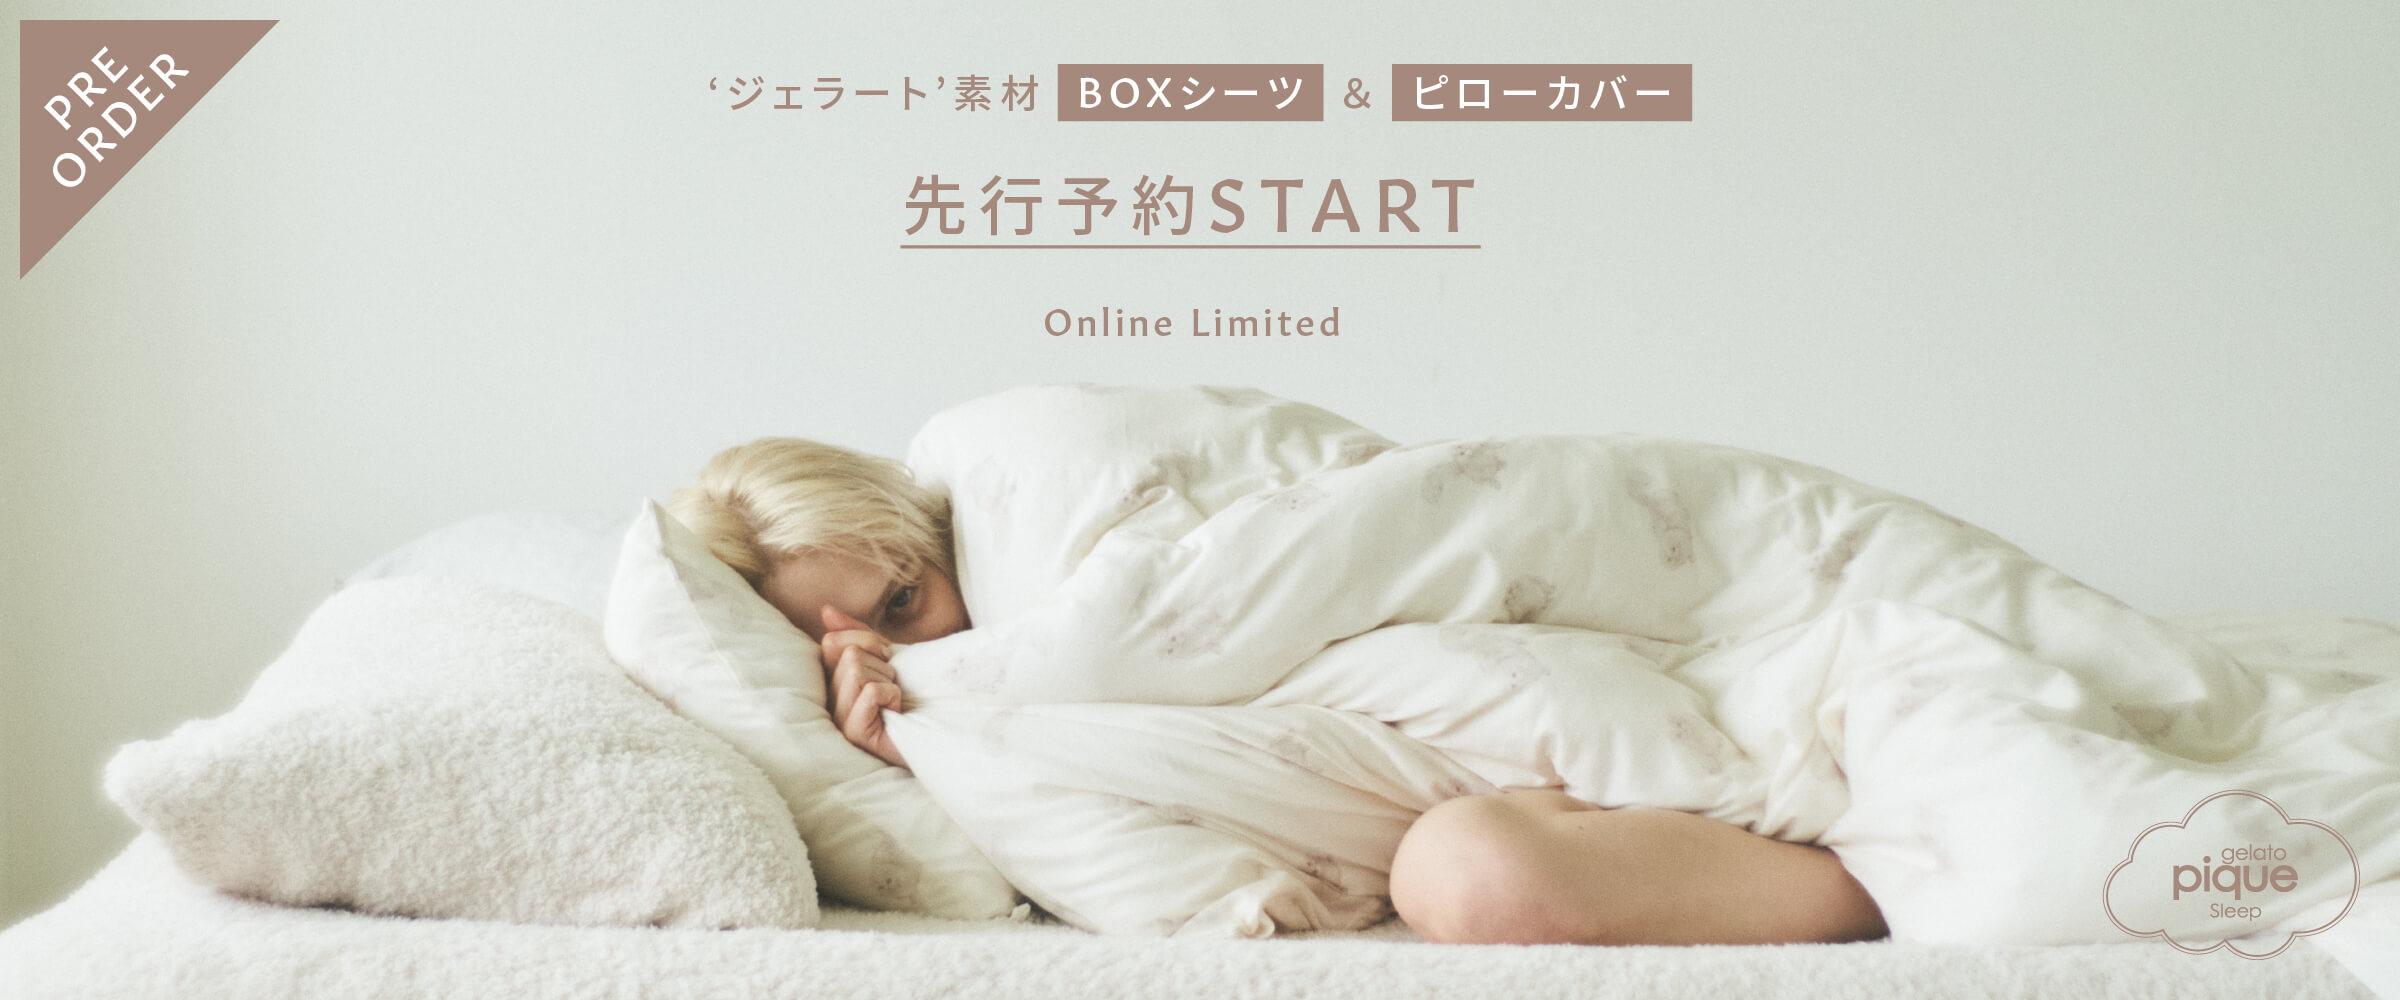 'ジェラート'素材 BOXシーツ & ピローカバー 先行予約START